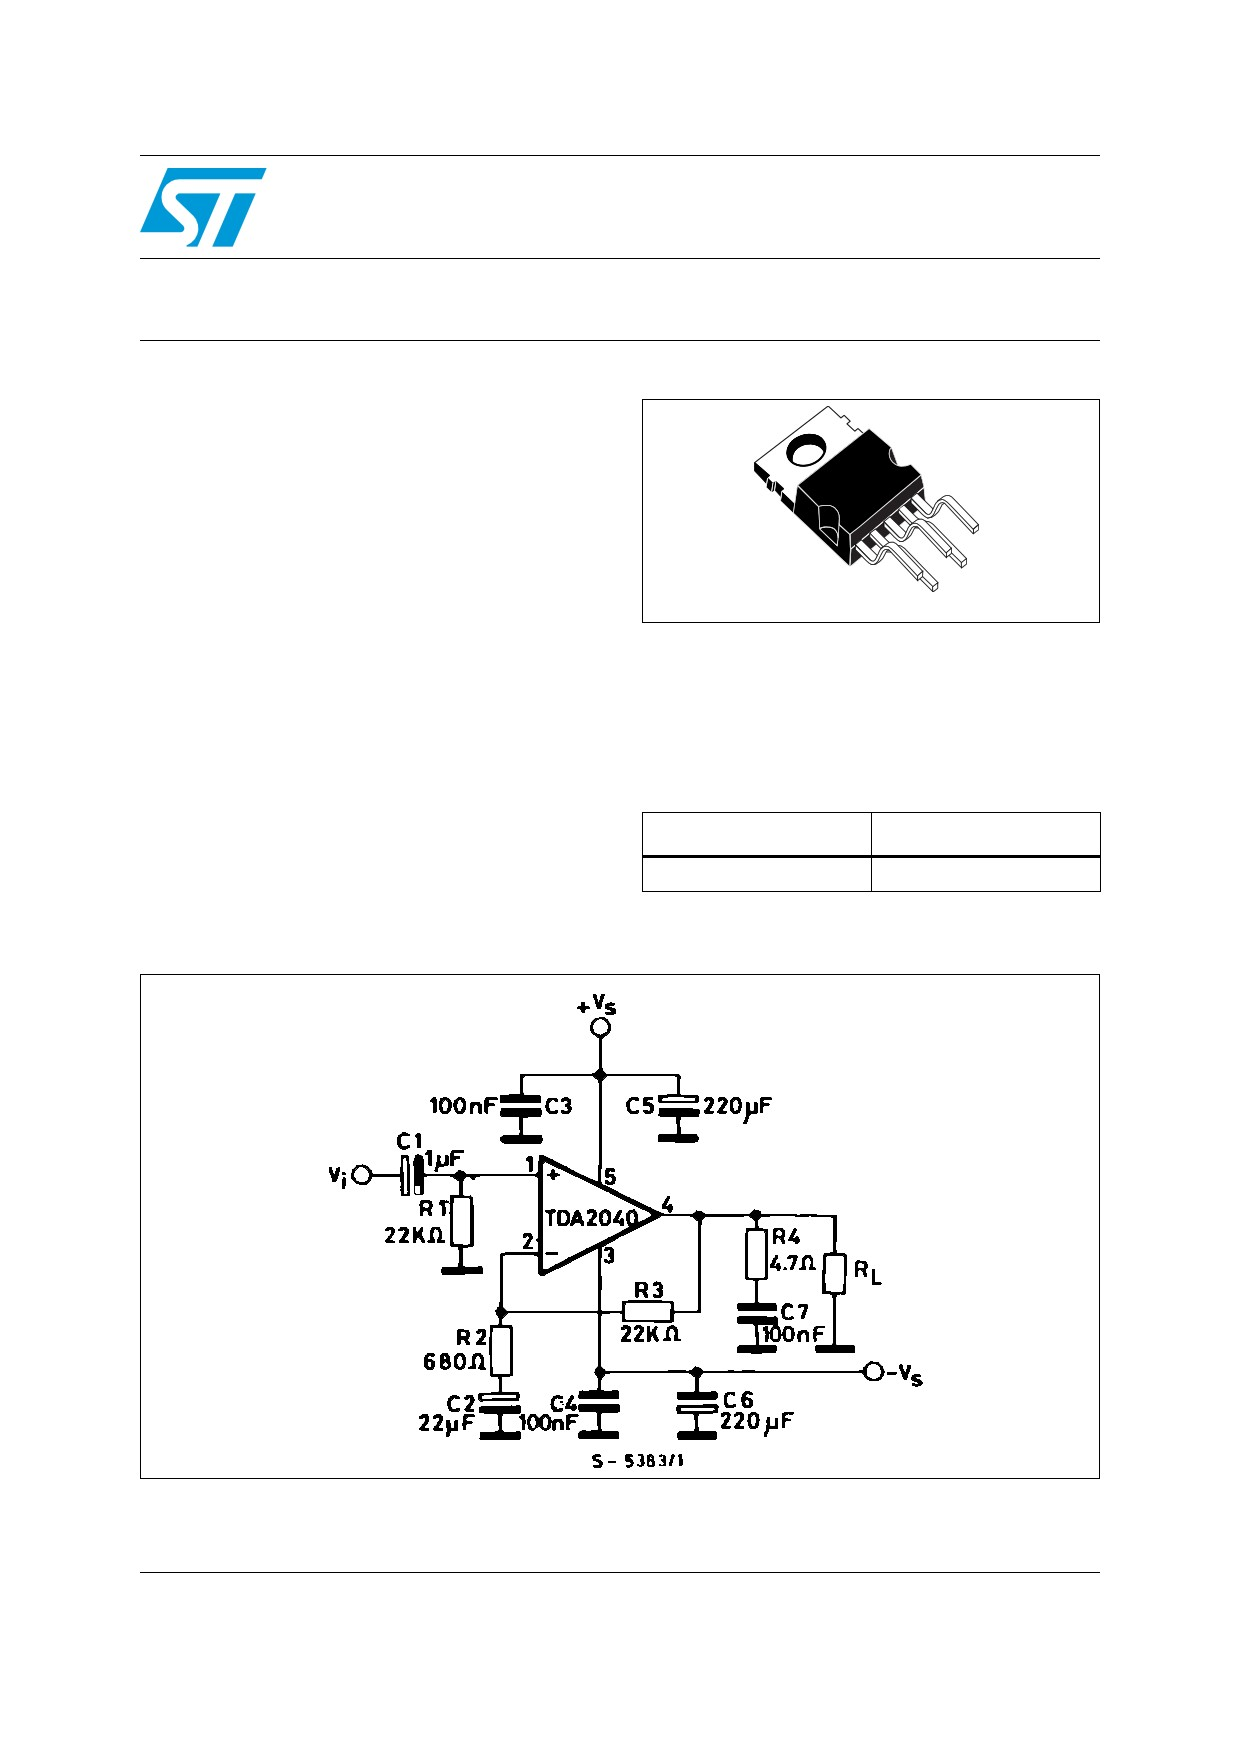 Tda 2040 Stereo Schematic Tda2040 Amplifier Datasheet Pdf Power Amplifier Of Tda 2040 Stereo Schematic